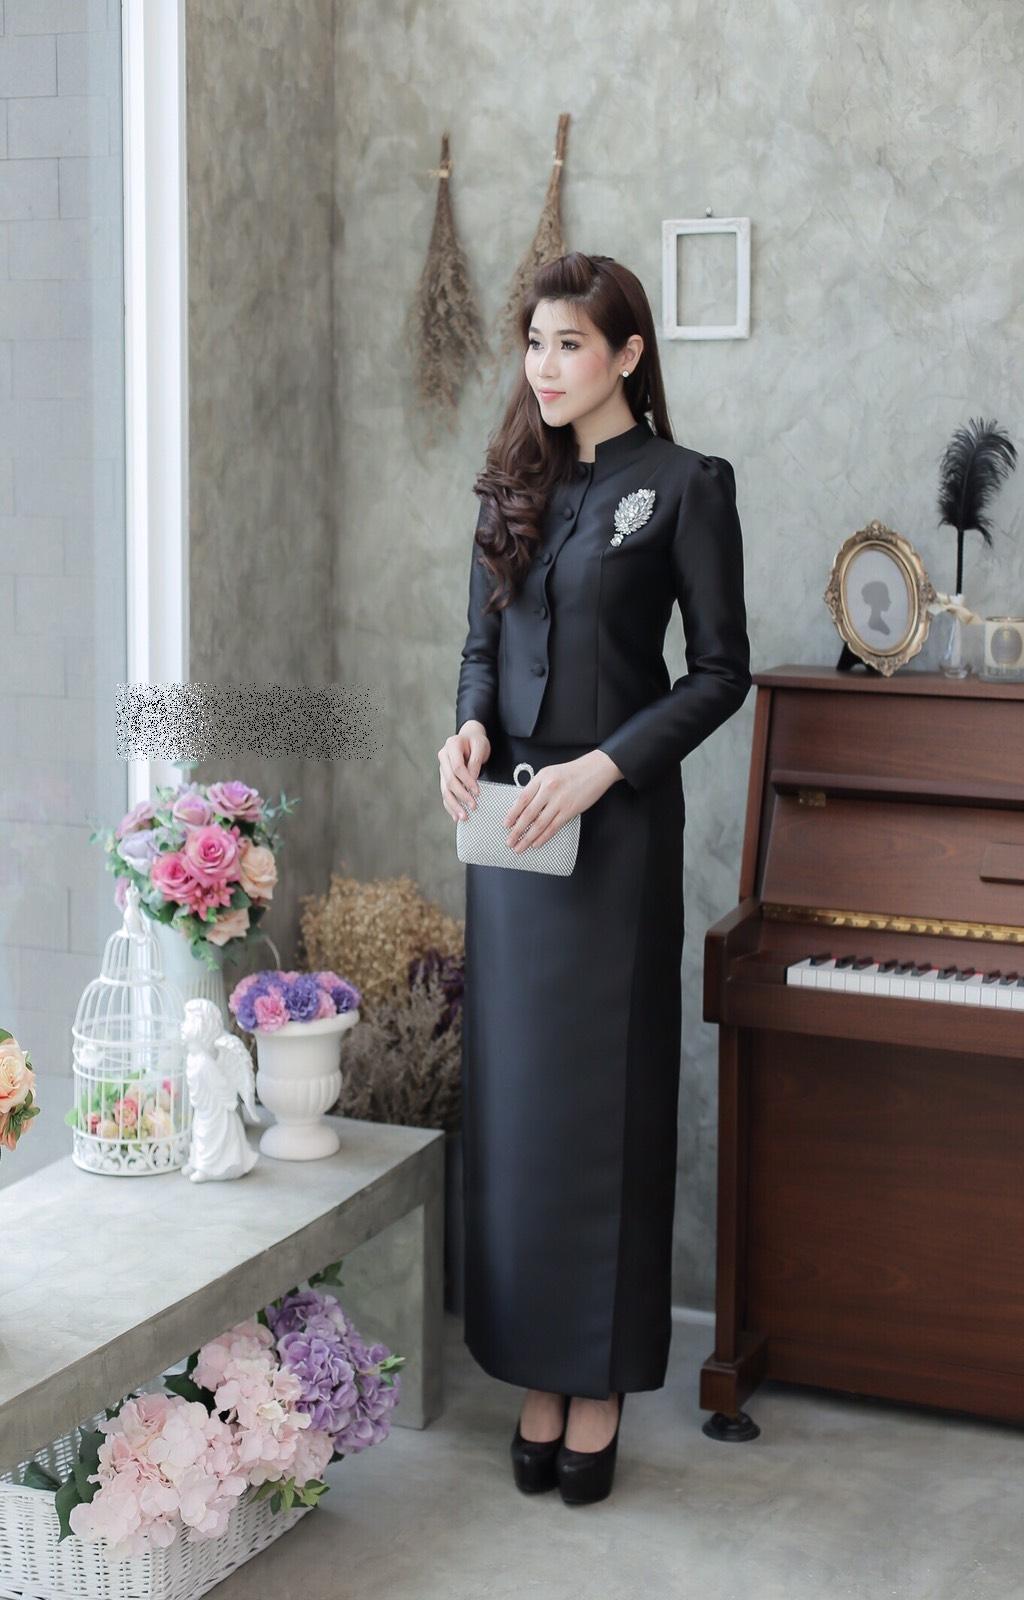 ชุดไทยจิตรลดาสีดำ ชุดถวายบังคมพระบรมศพ คุณภาพงานพรี่เมี่ยมเกรด A++ รับประกันคุณภาพ ราคาถูก พร้อมส่ง